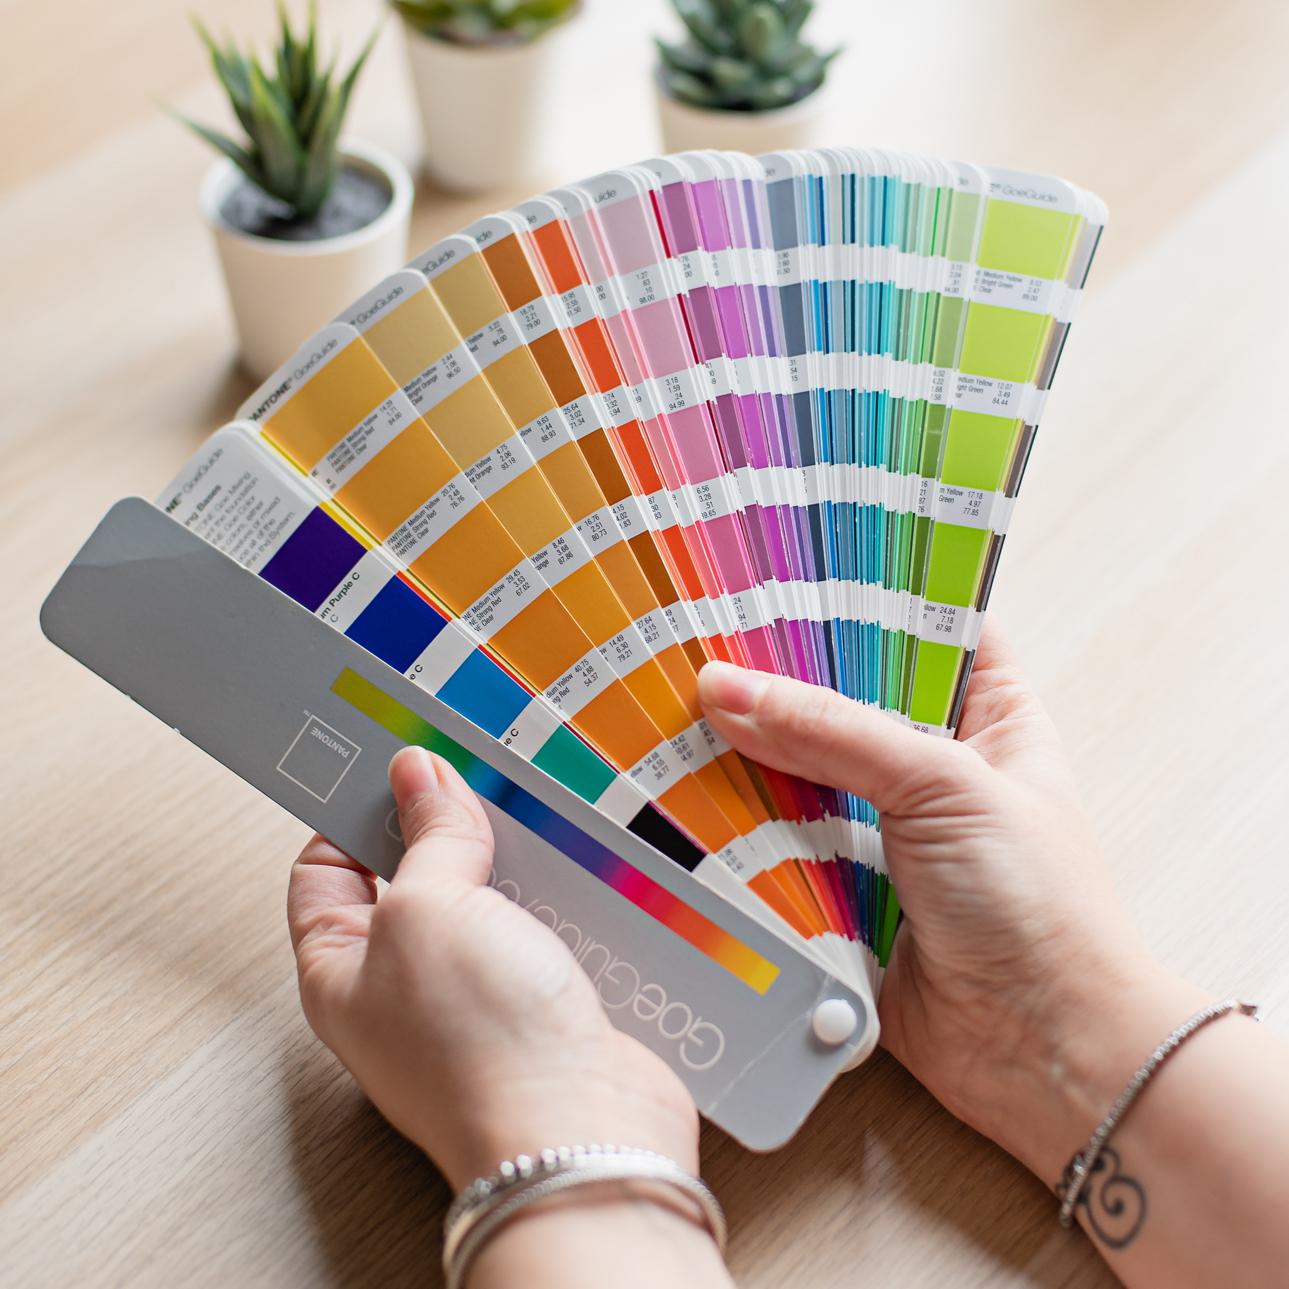 Scegliere il colore giusto per la tua palette